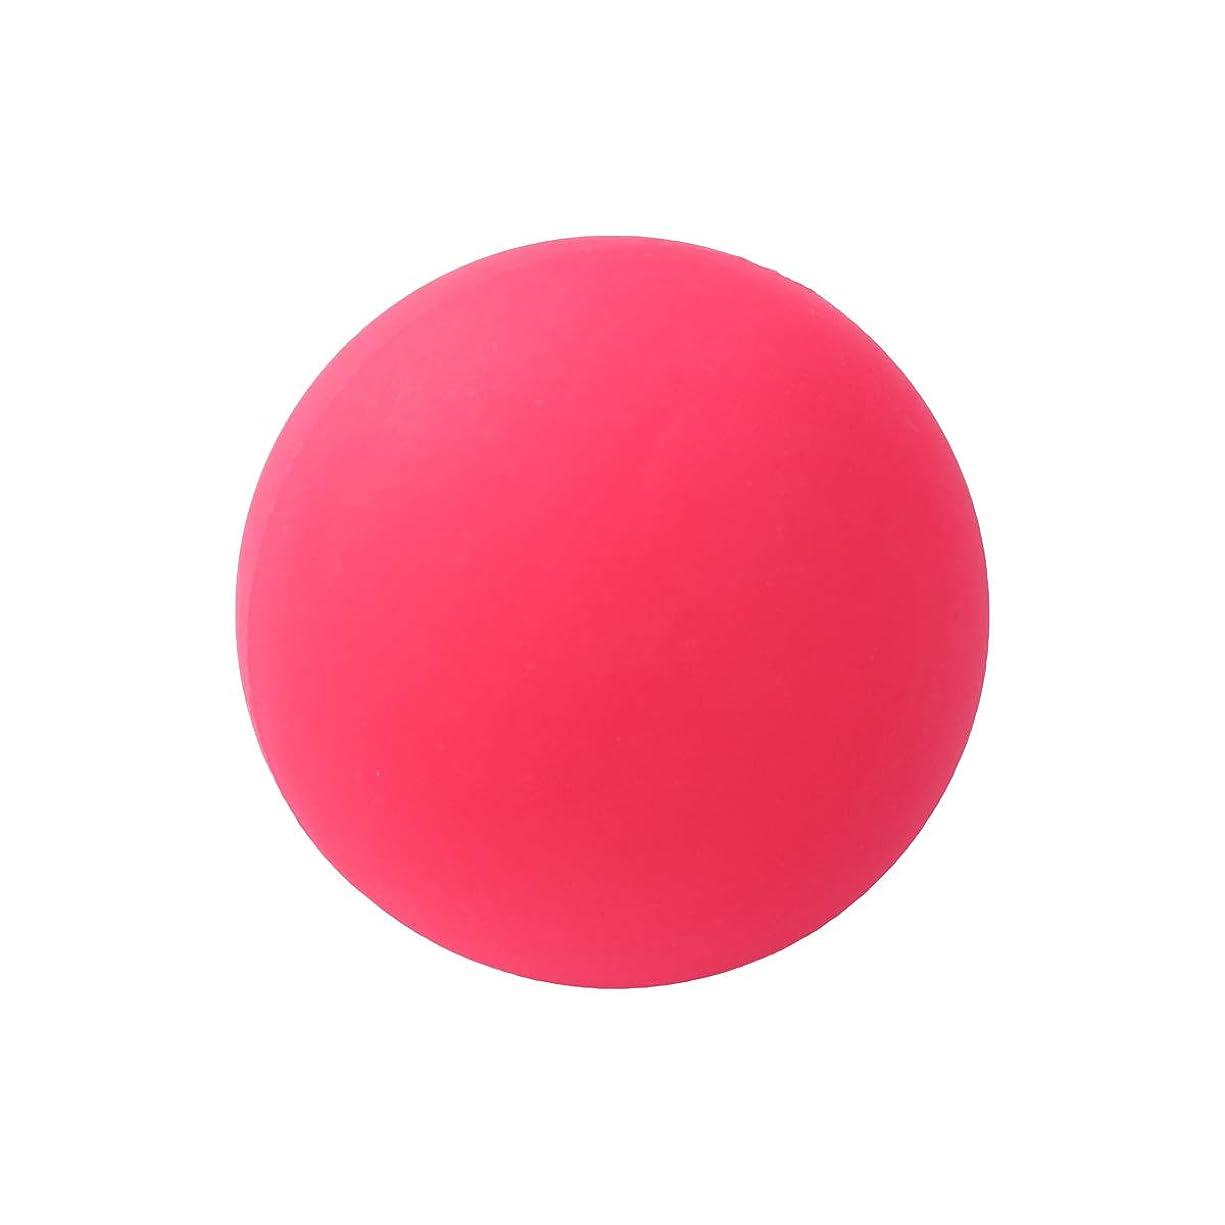 ケーブル蒸発する端VORCOOL マッサージボール ヨガ ストレッチボール トリガーポイント 筋膜リリース トレーニング 背中 肩こり 腰 ふくらはぎ 足裏 ツボ押しグッズ 物理 マッサージ 療法ボール